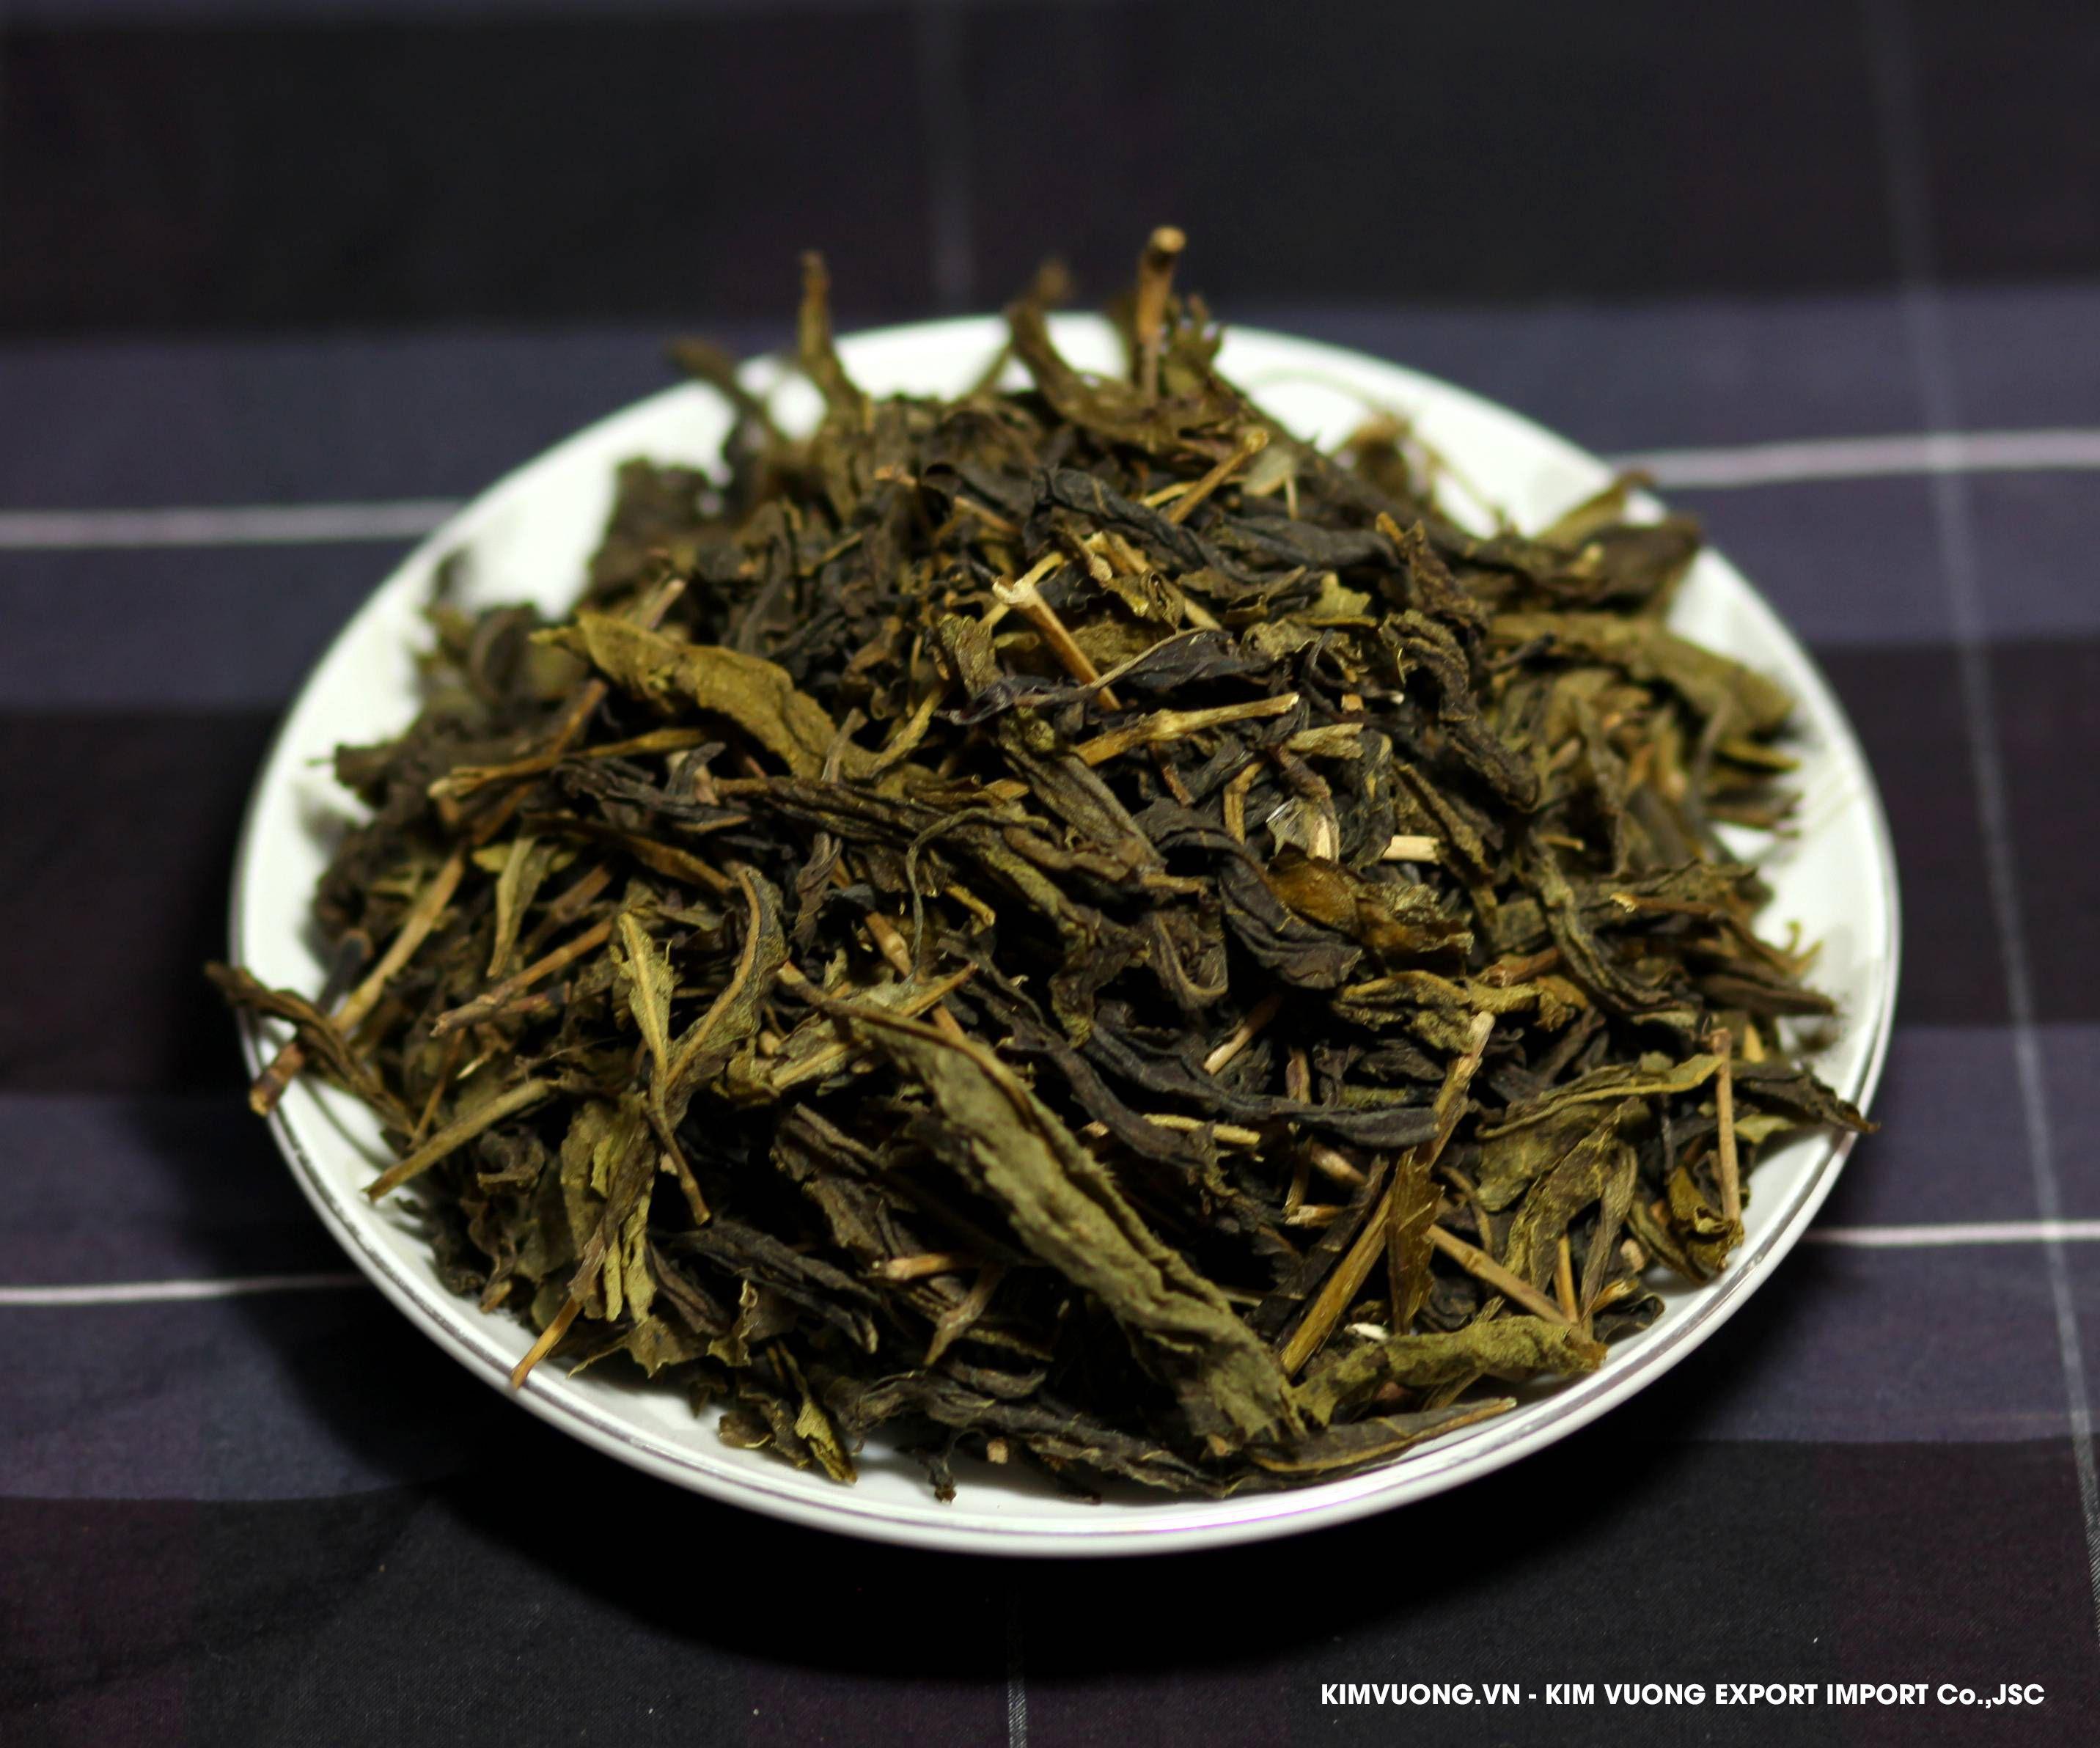 Green tea OPX exports  - KIM VUONG EXPORT IMPORT Co.,JSC